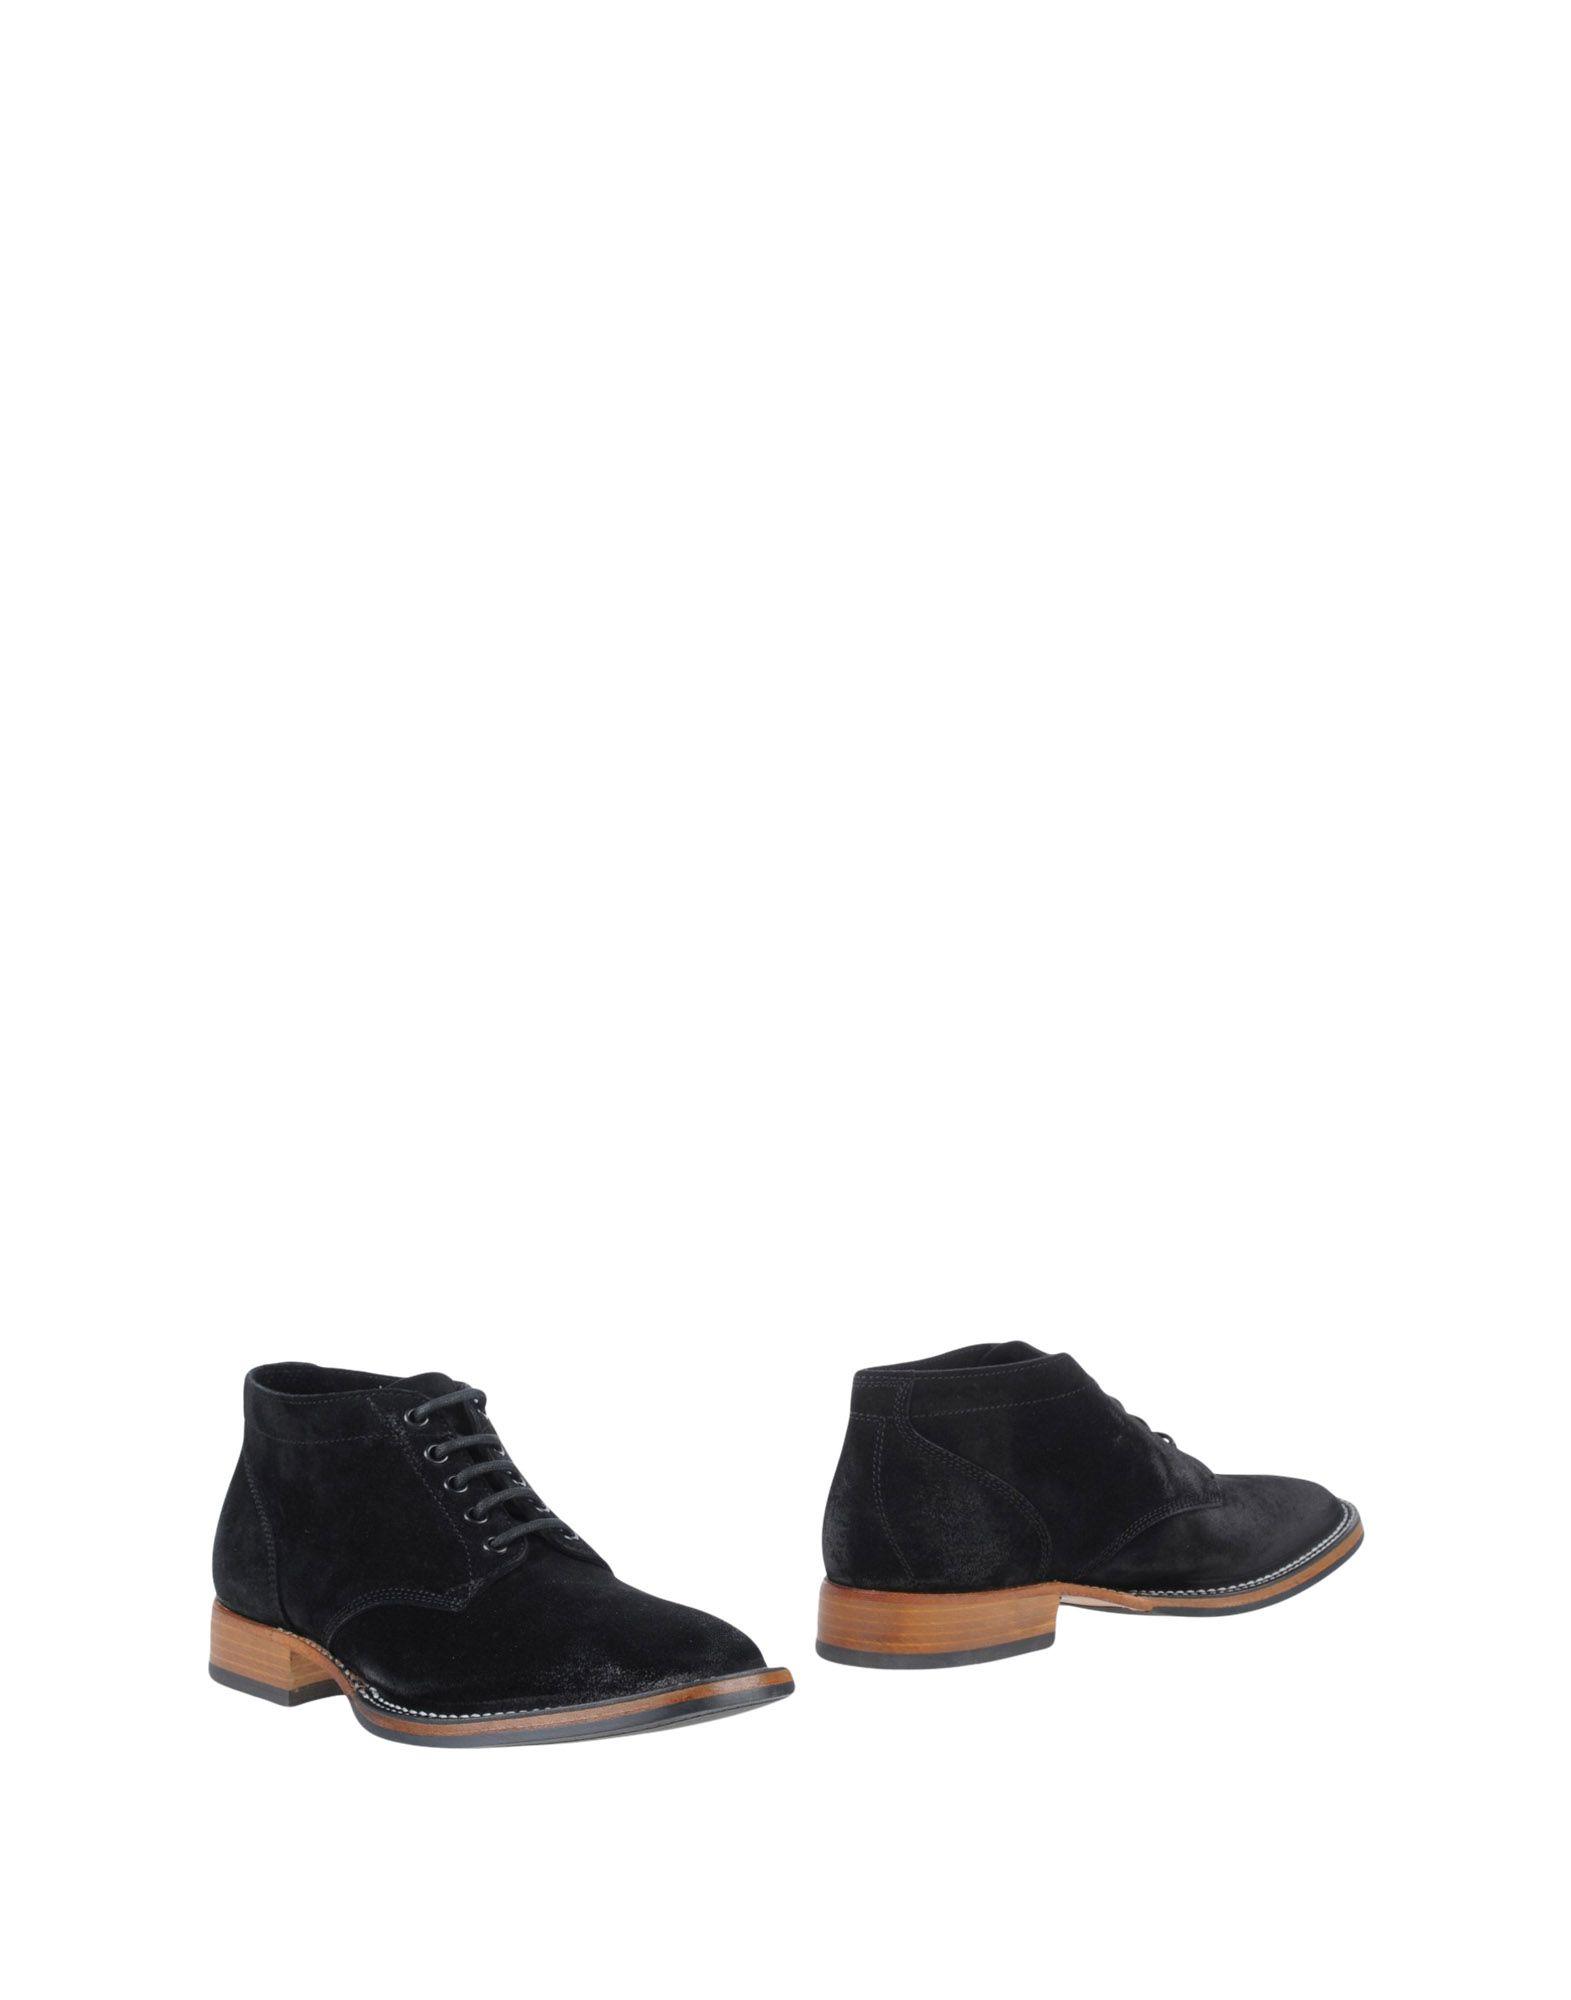 《送料無料》BELSTAFF メンズ ショートブーツ ブラック 40 革